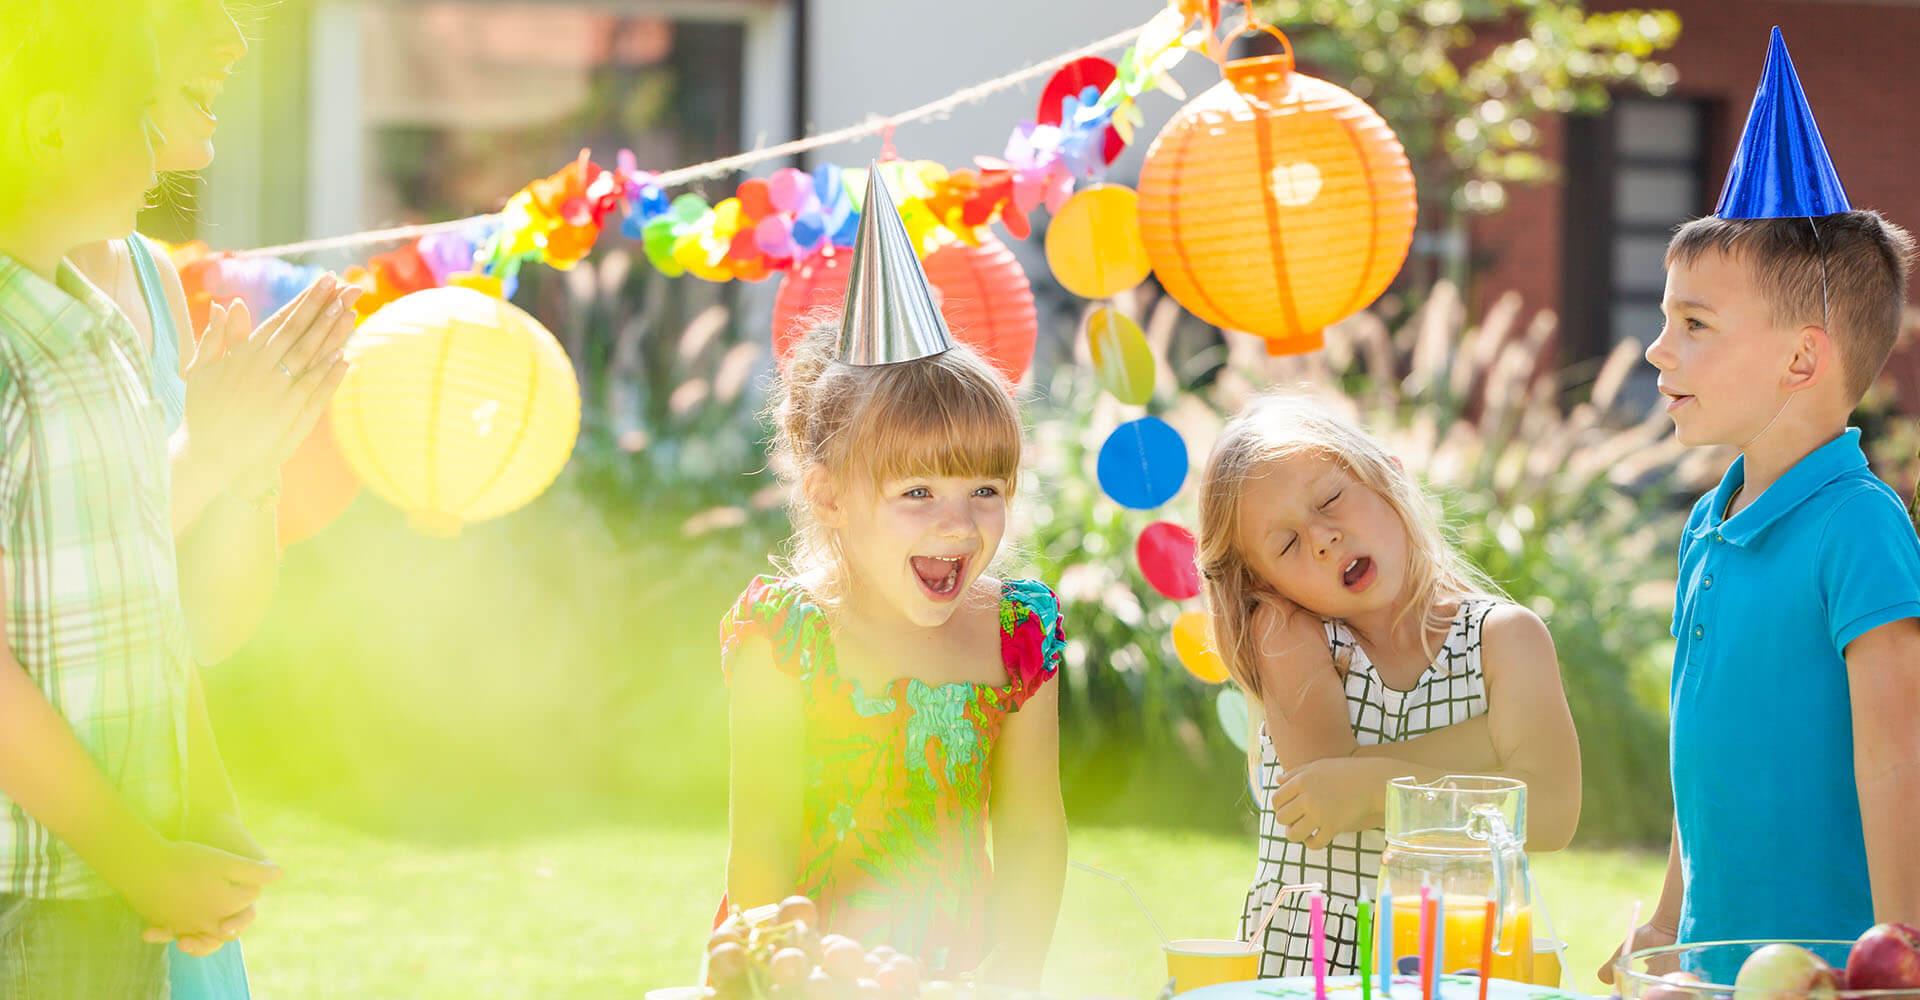 Kinder spielen draußen im Garten Geburtstagsspiele